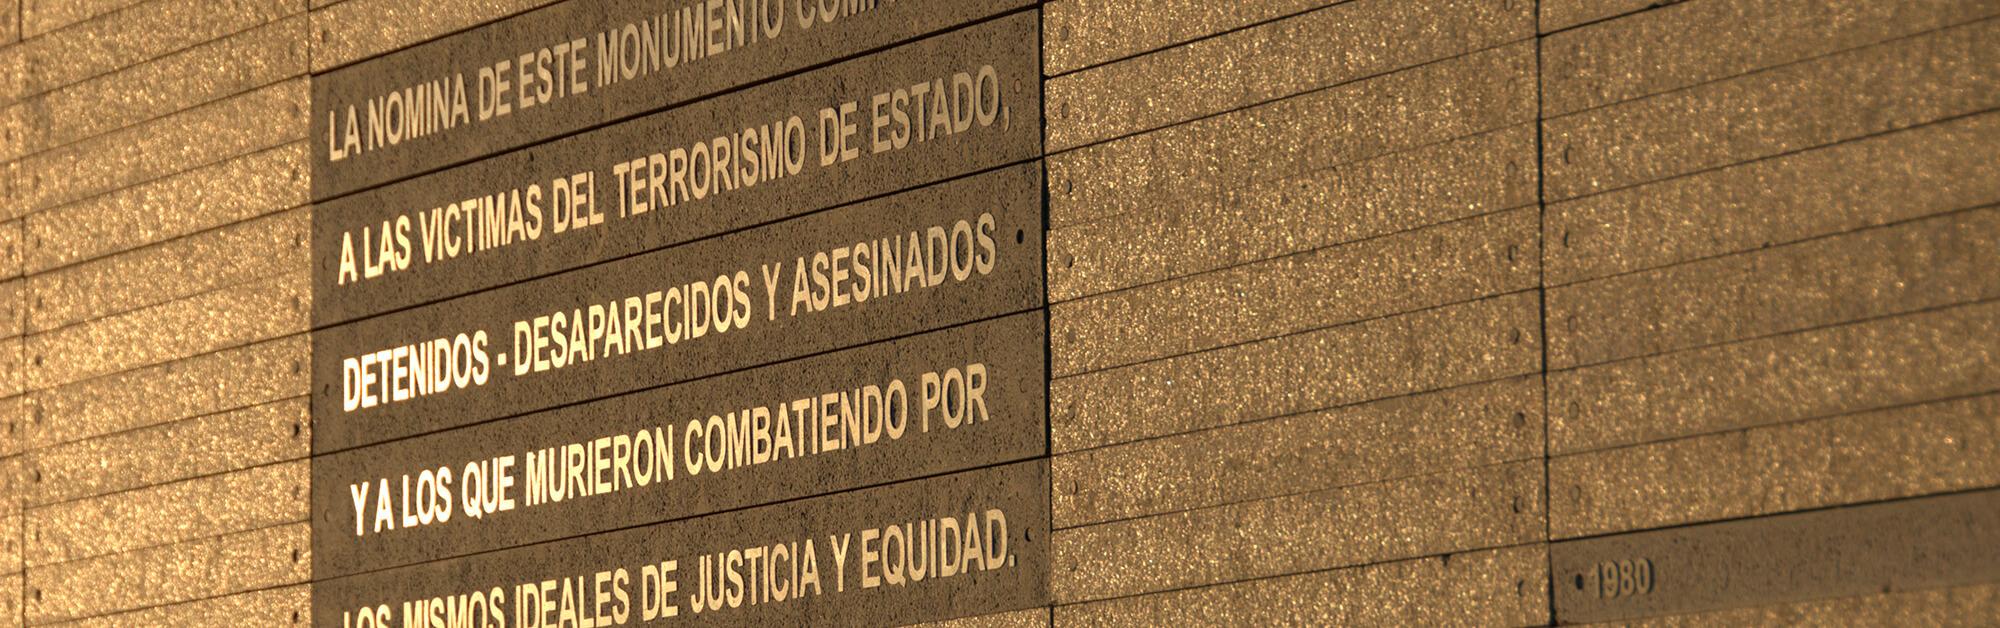 Dictadura Argentina - Proceso de Reorganización Nacional (1976-1983)